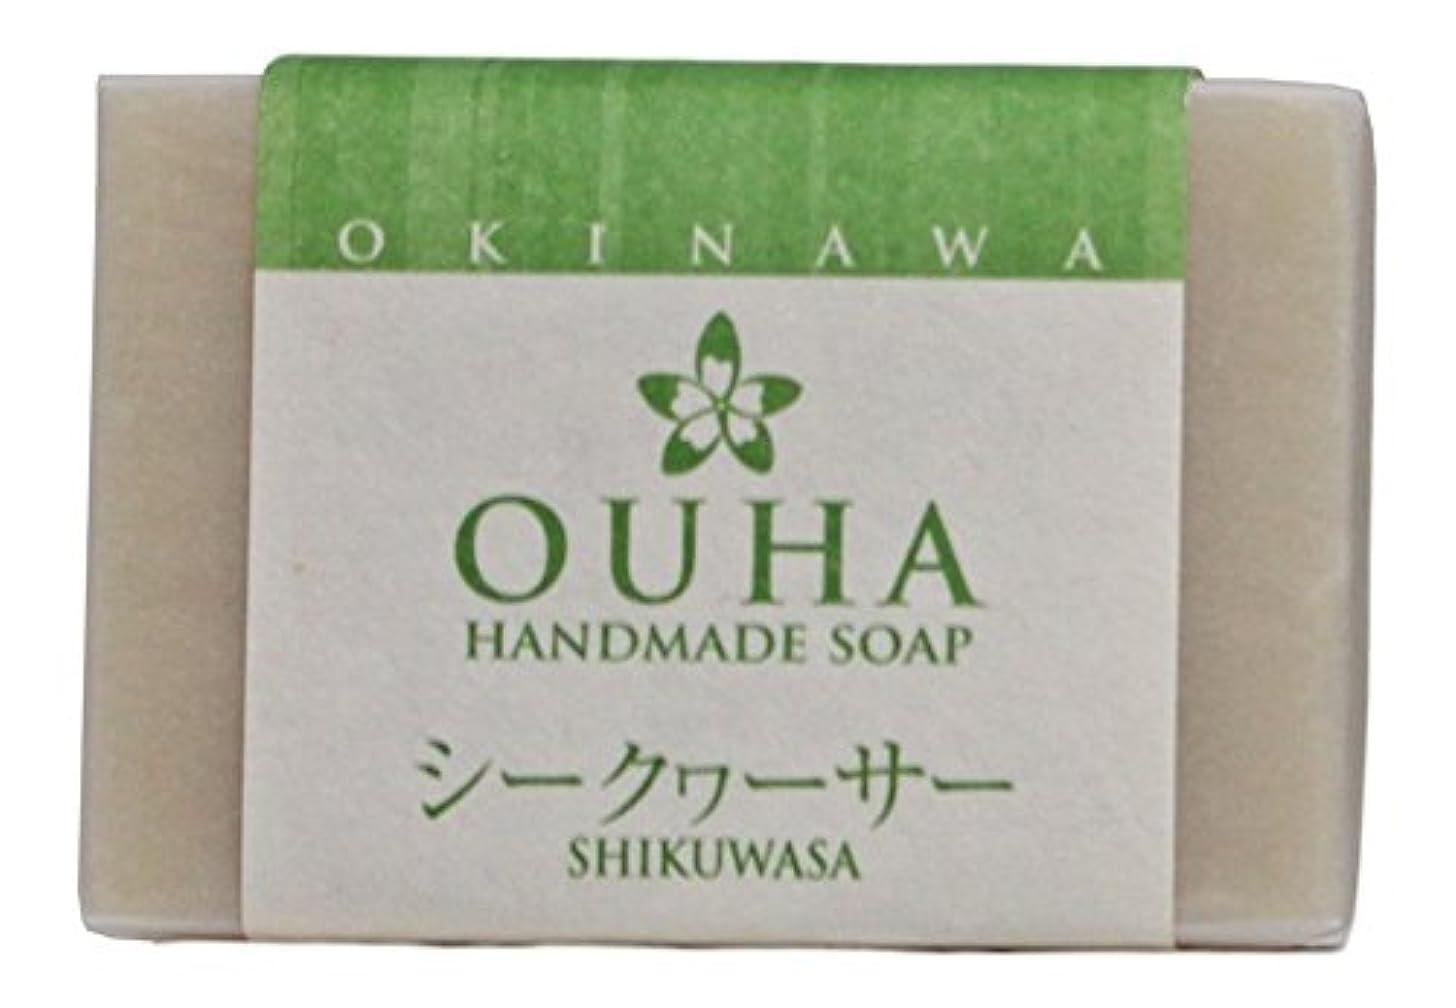 プラットフォームタイプライター有名沖縄手作り洗顔せっけん OUHAソープ シークヮーサー 47g